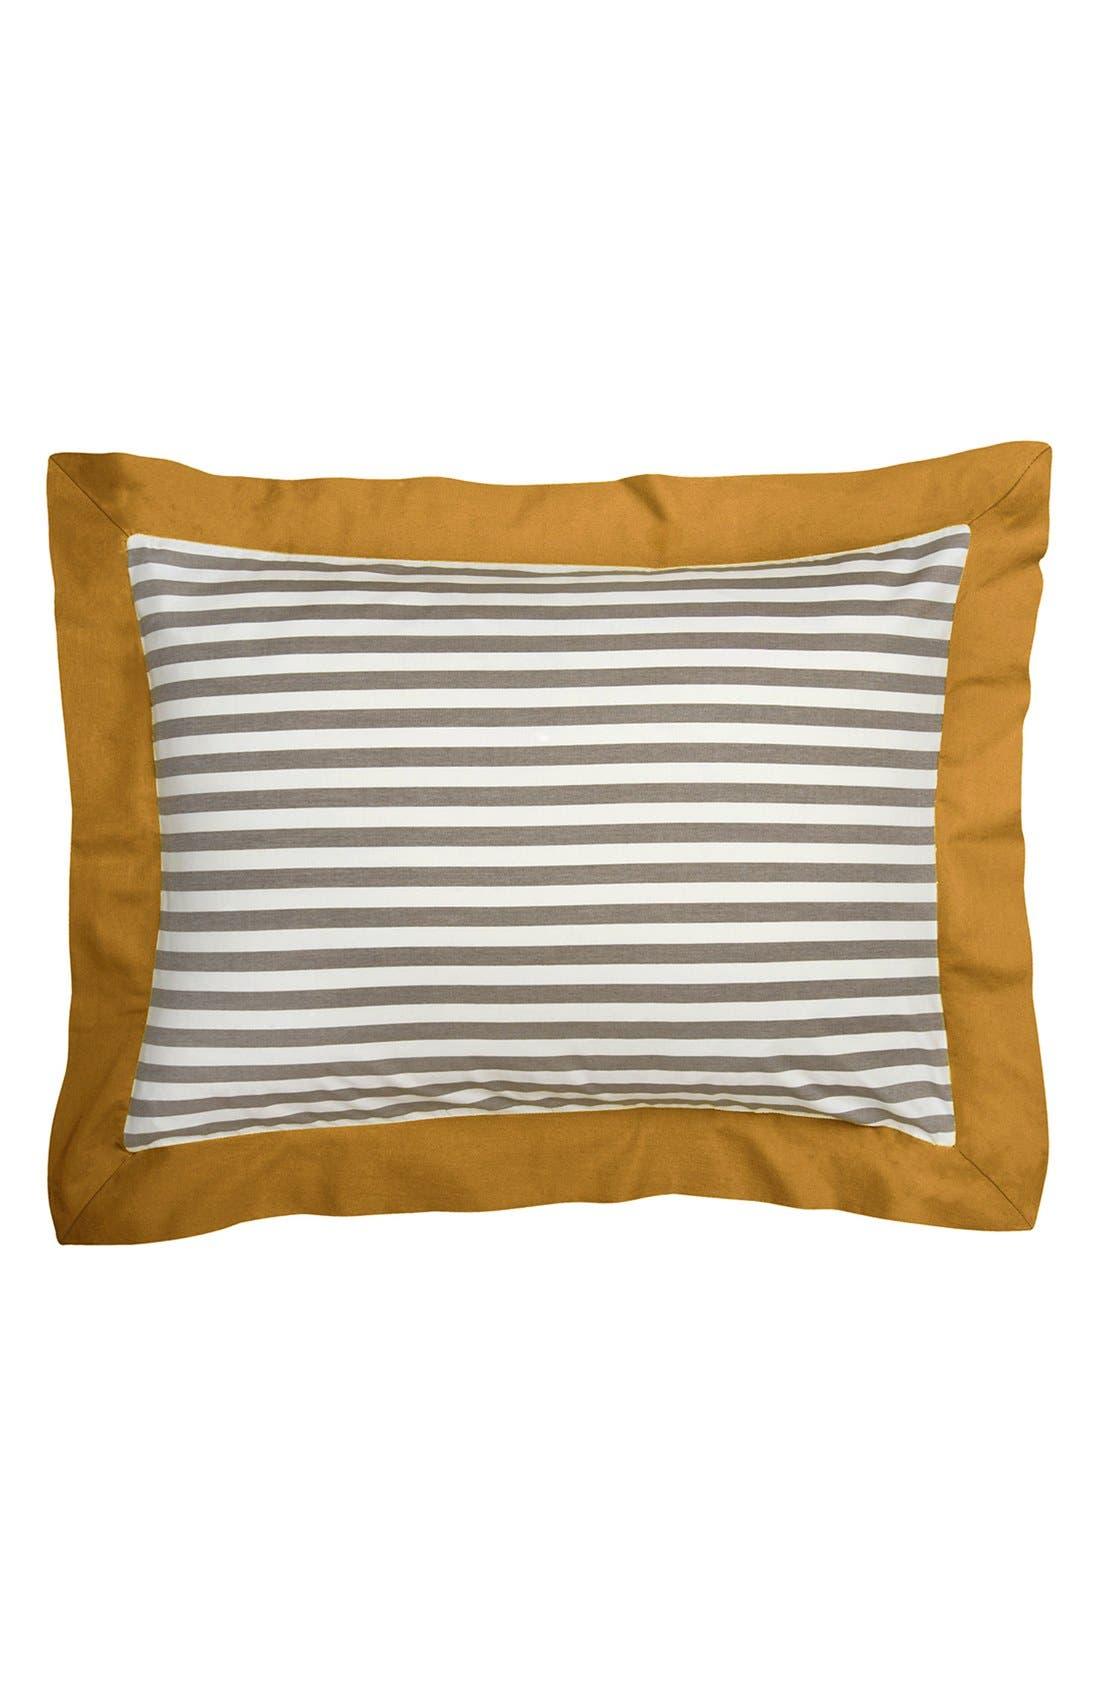 'Draper' Stripe Shams,                         Main,                         color, Yellow/ Multi